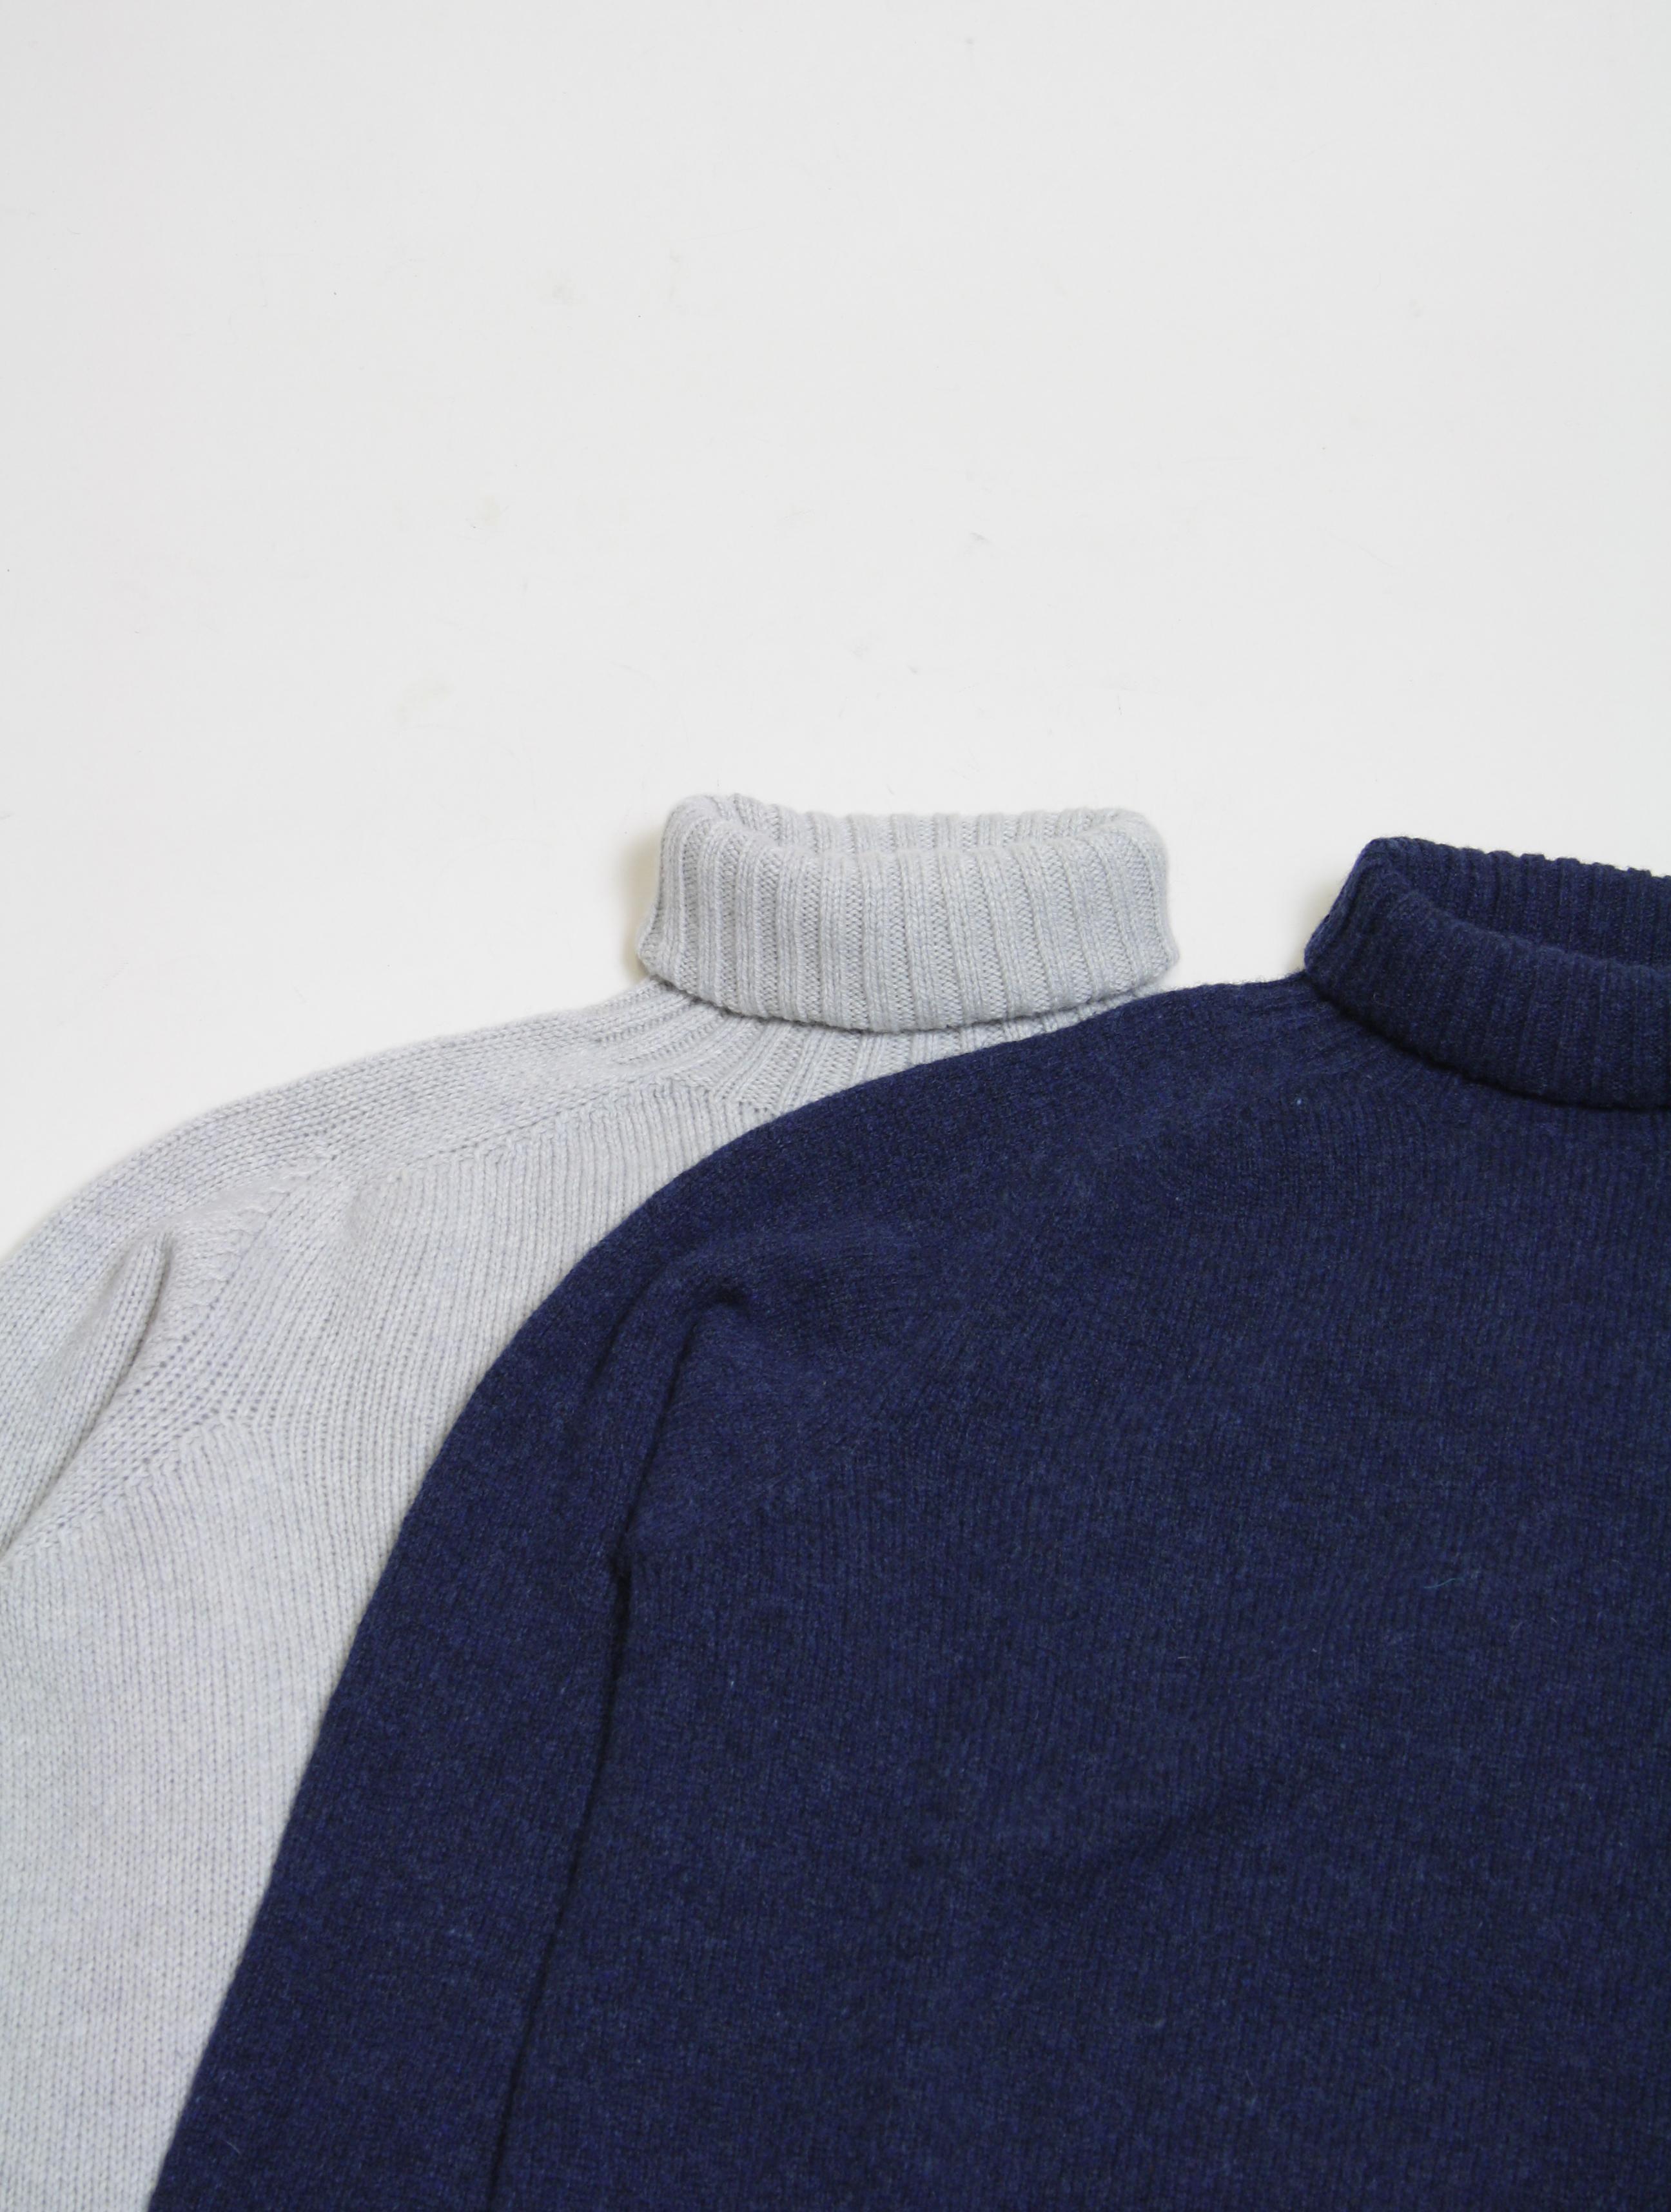 Harley of Scotland maglione a collo alto L3874 Agate dettaglio collo